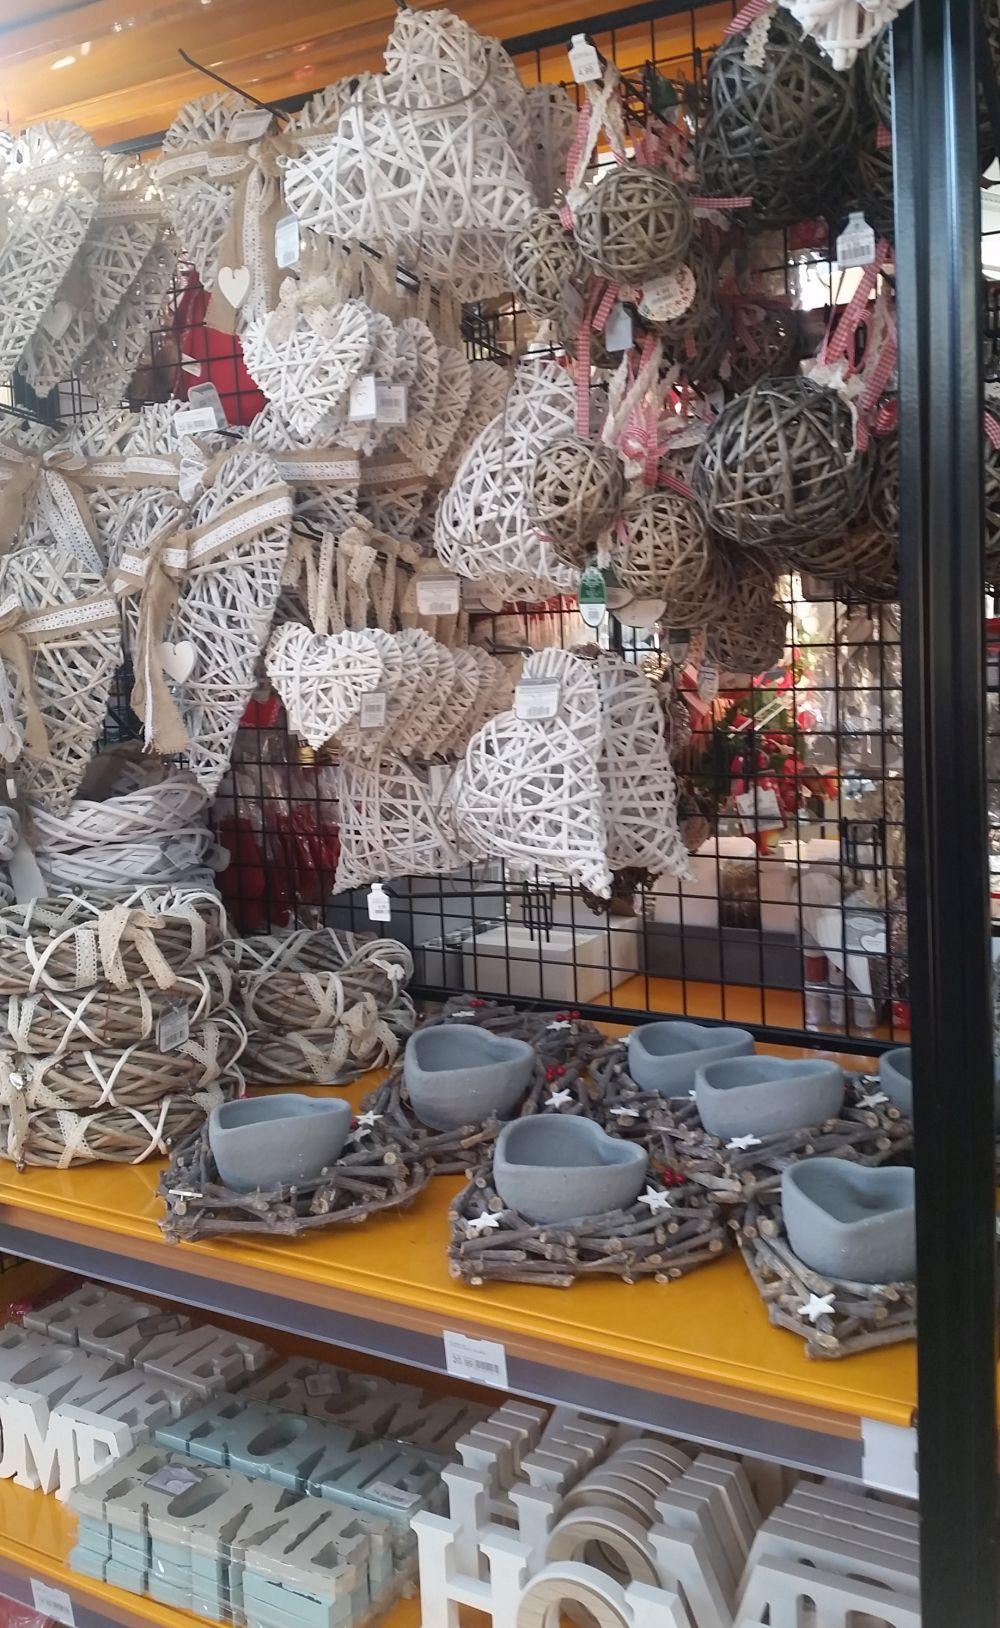 adelaparvu-com-despre-magazin-de-decoratiuni-si-obiecte-de-uz-casnic-da-moreno-57